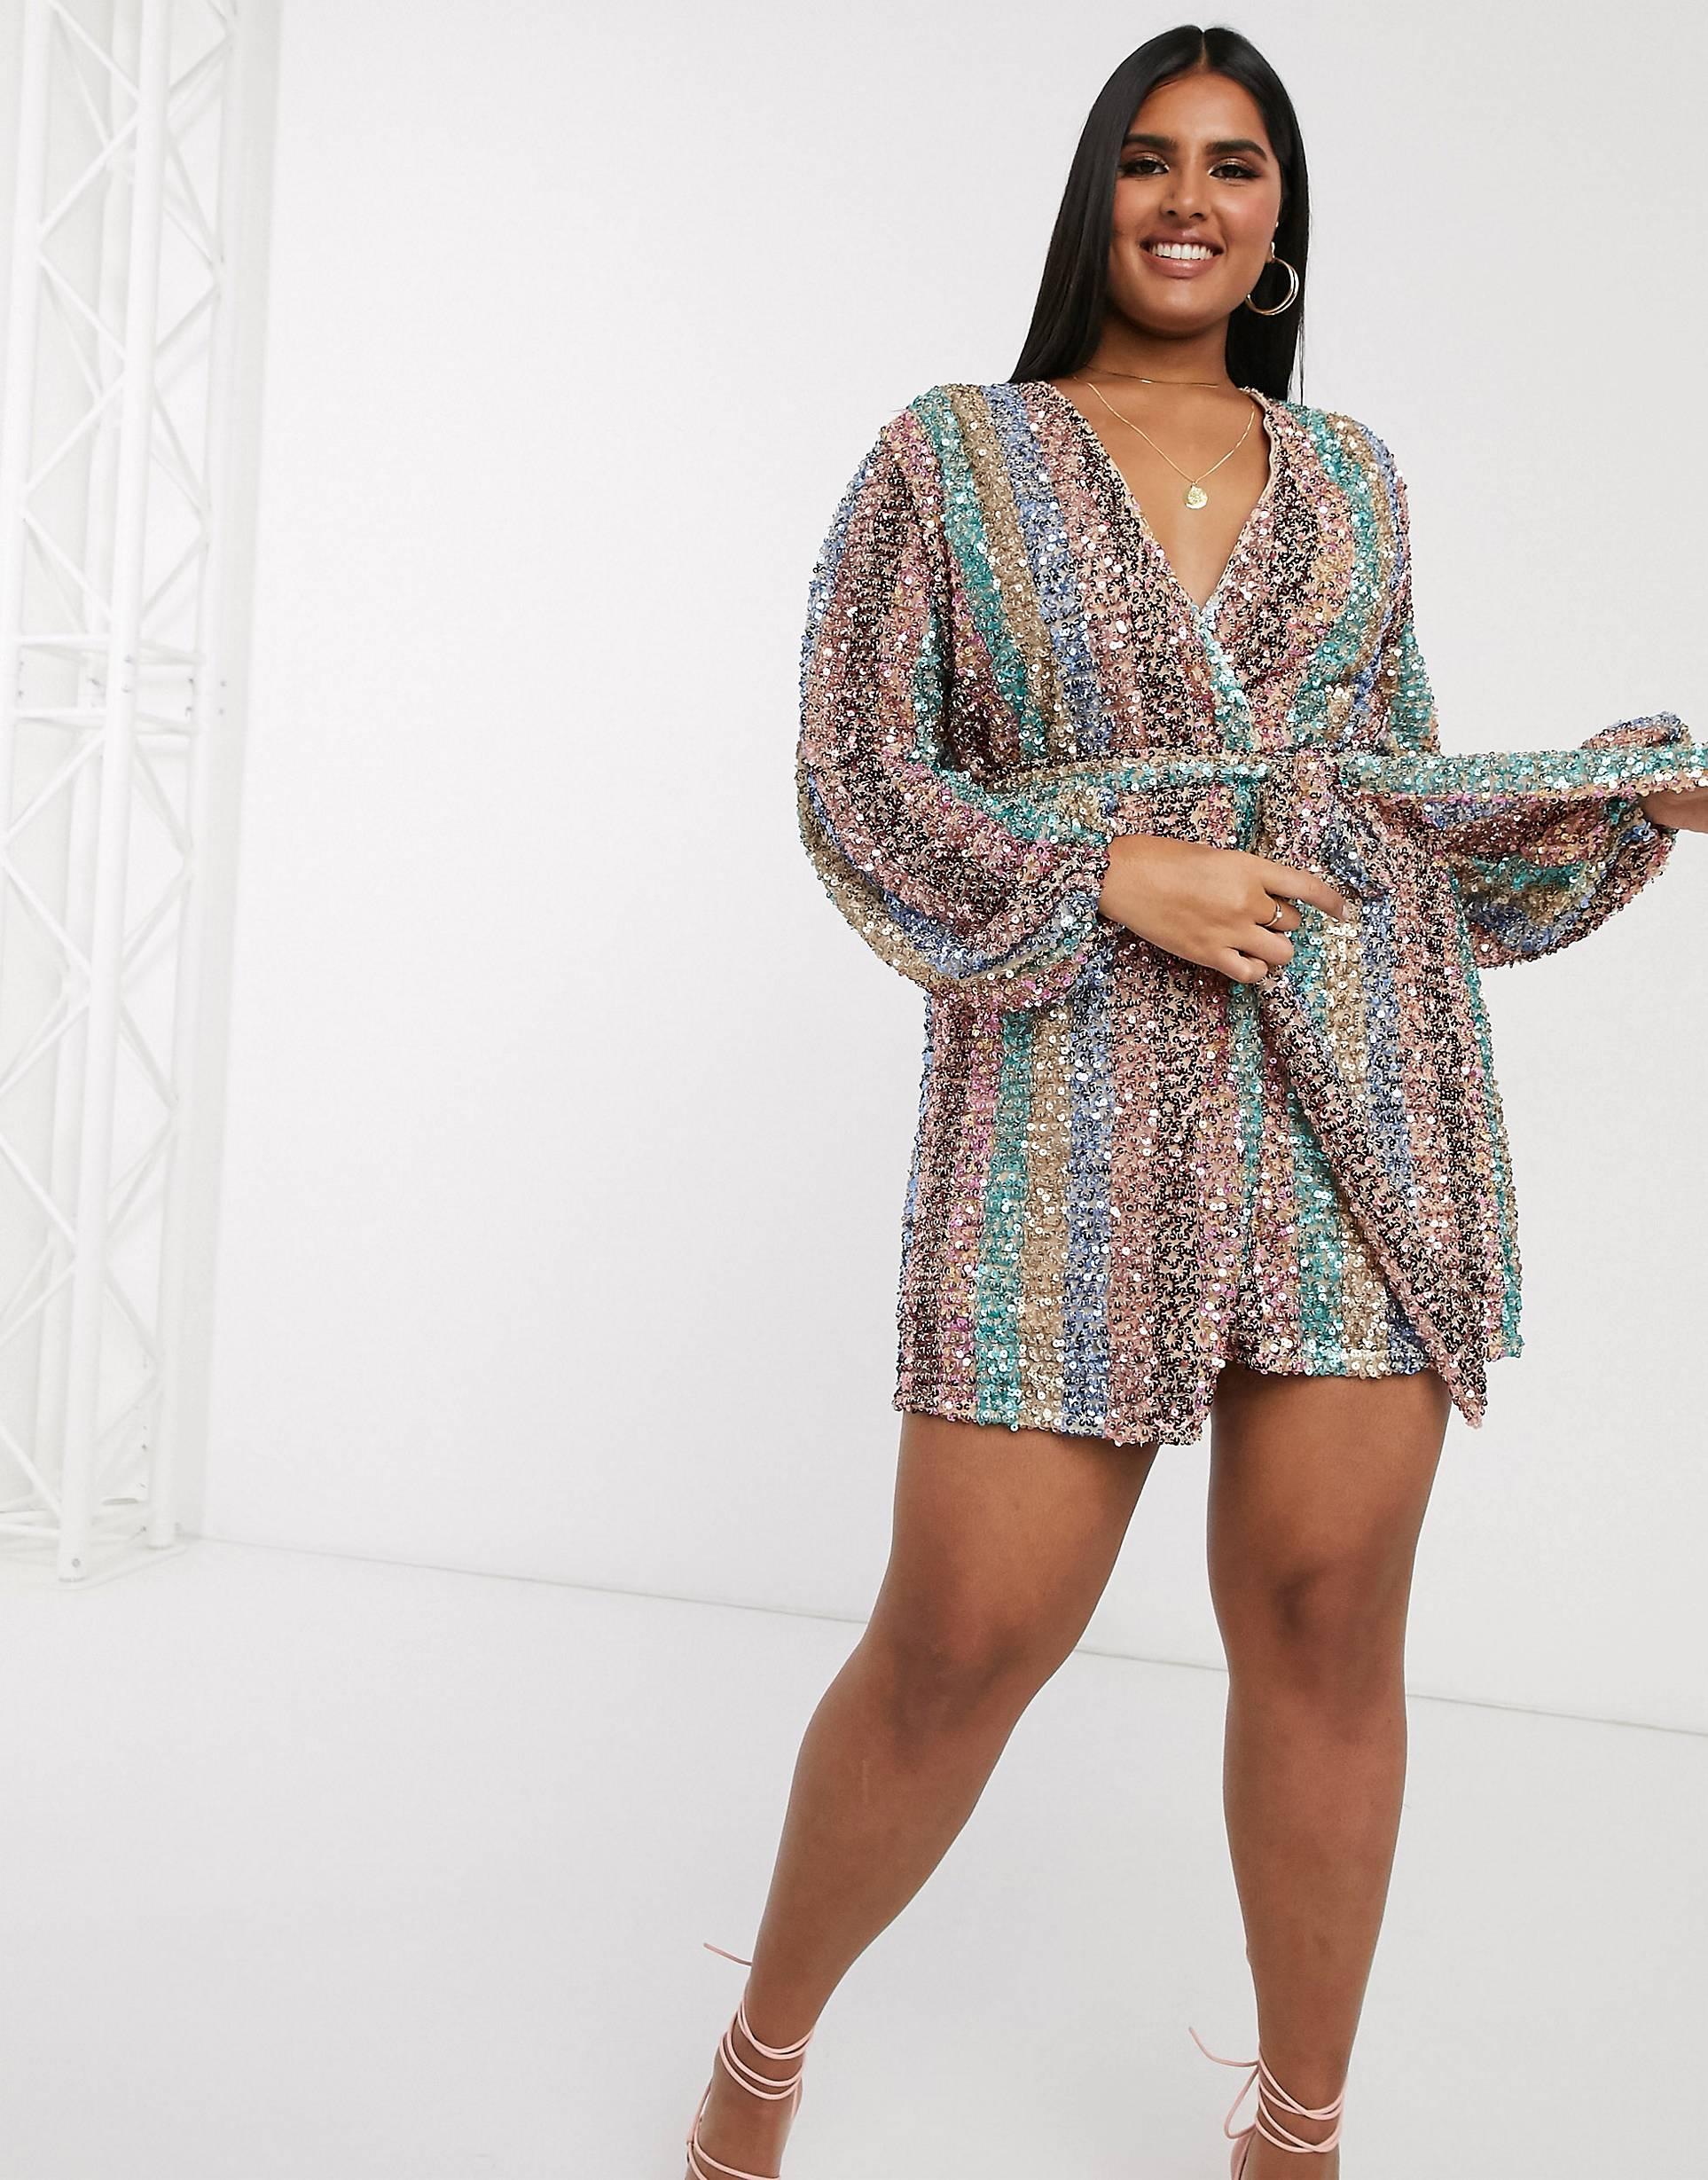 Vestido corto cruzado de manga larga con rayas multicolor de lentejuelas en contraste.